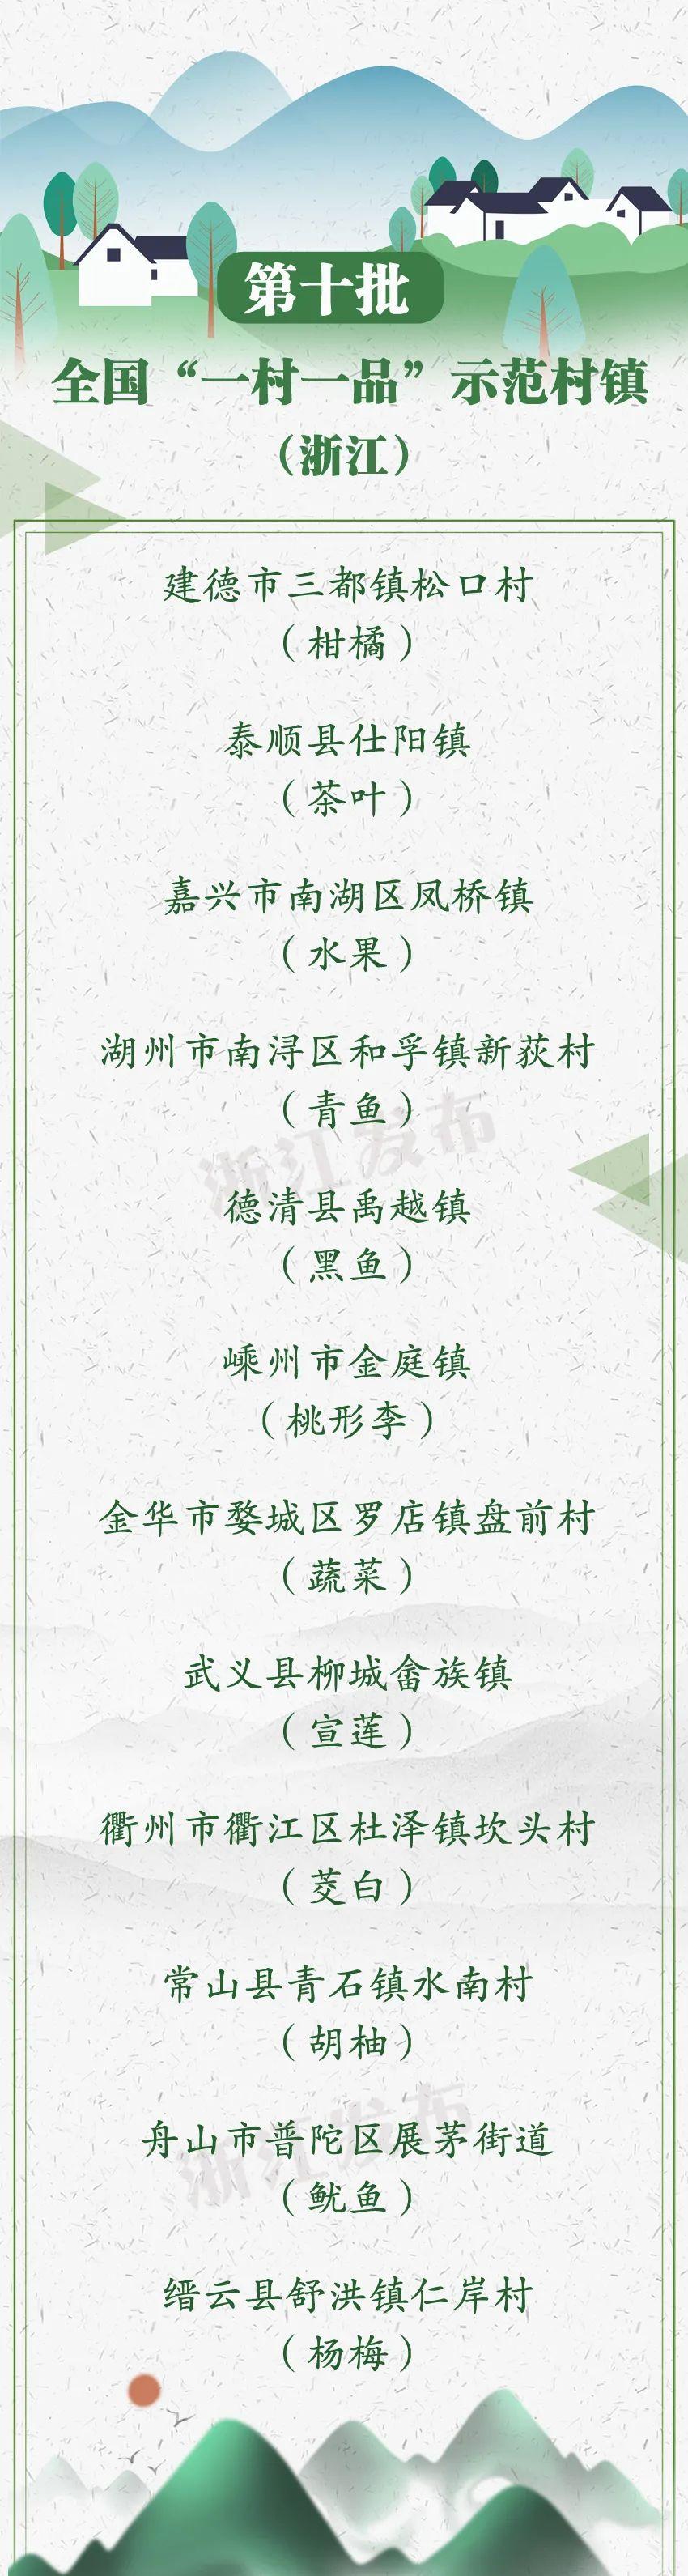 厉害了!浙江这些地方入选全国十亿元镇、亿元村图片